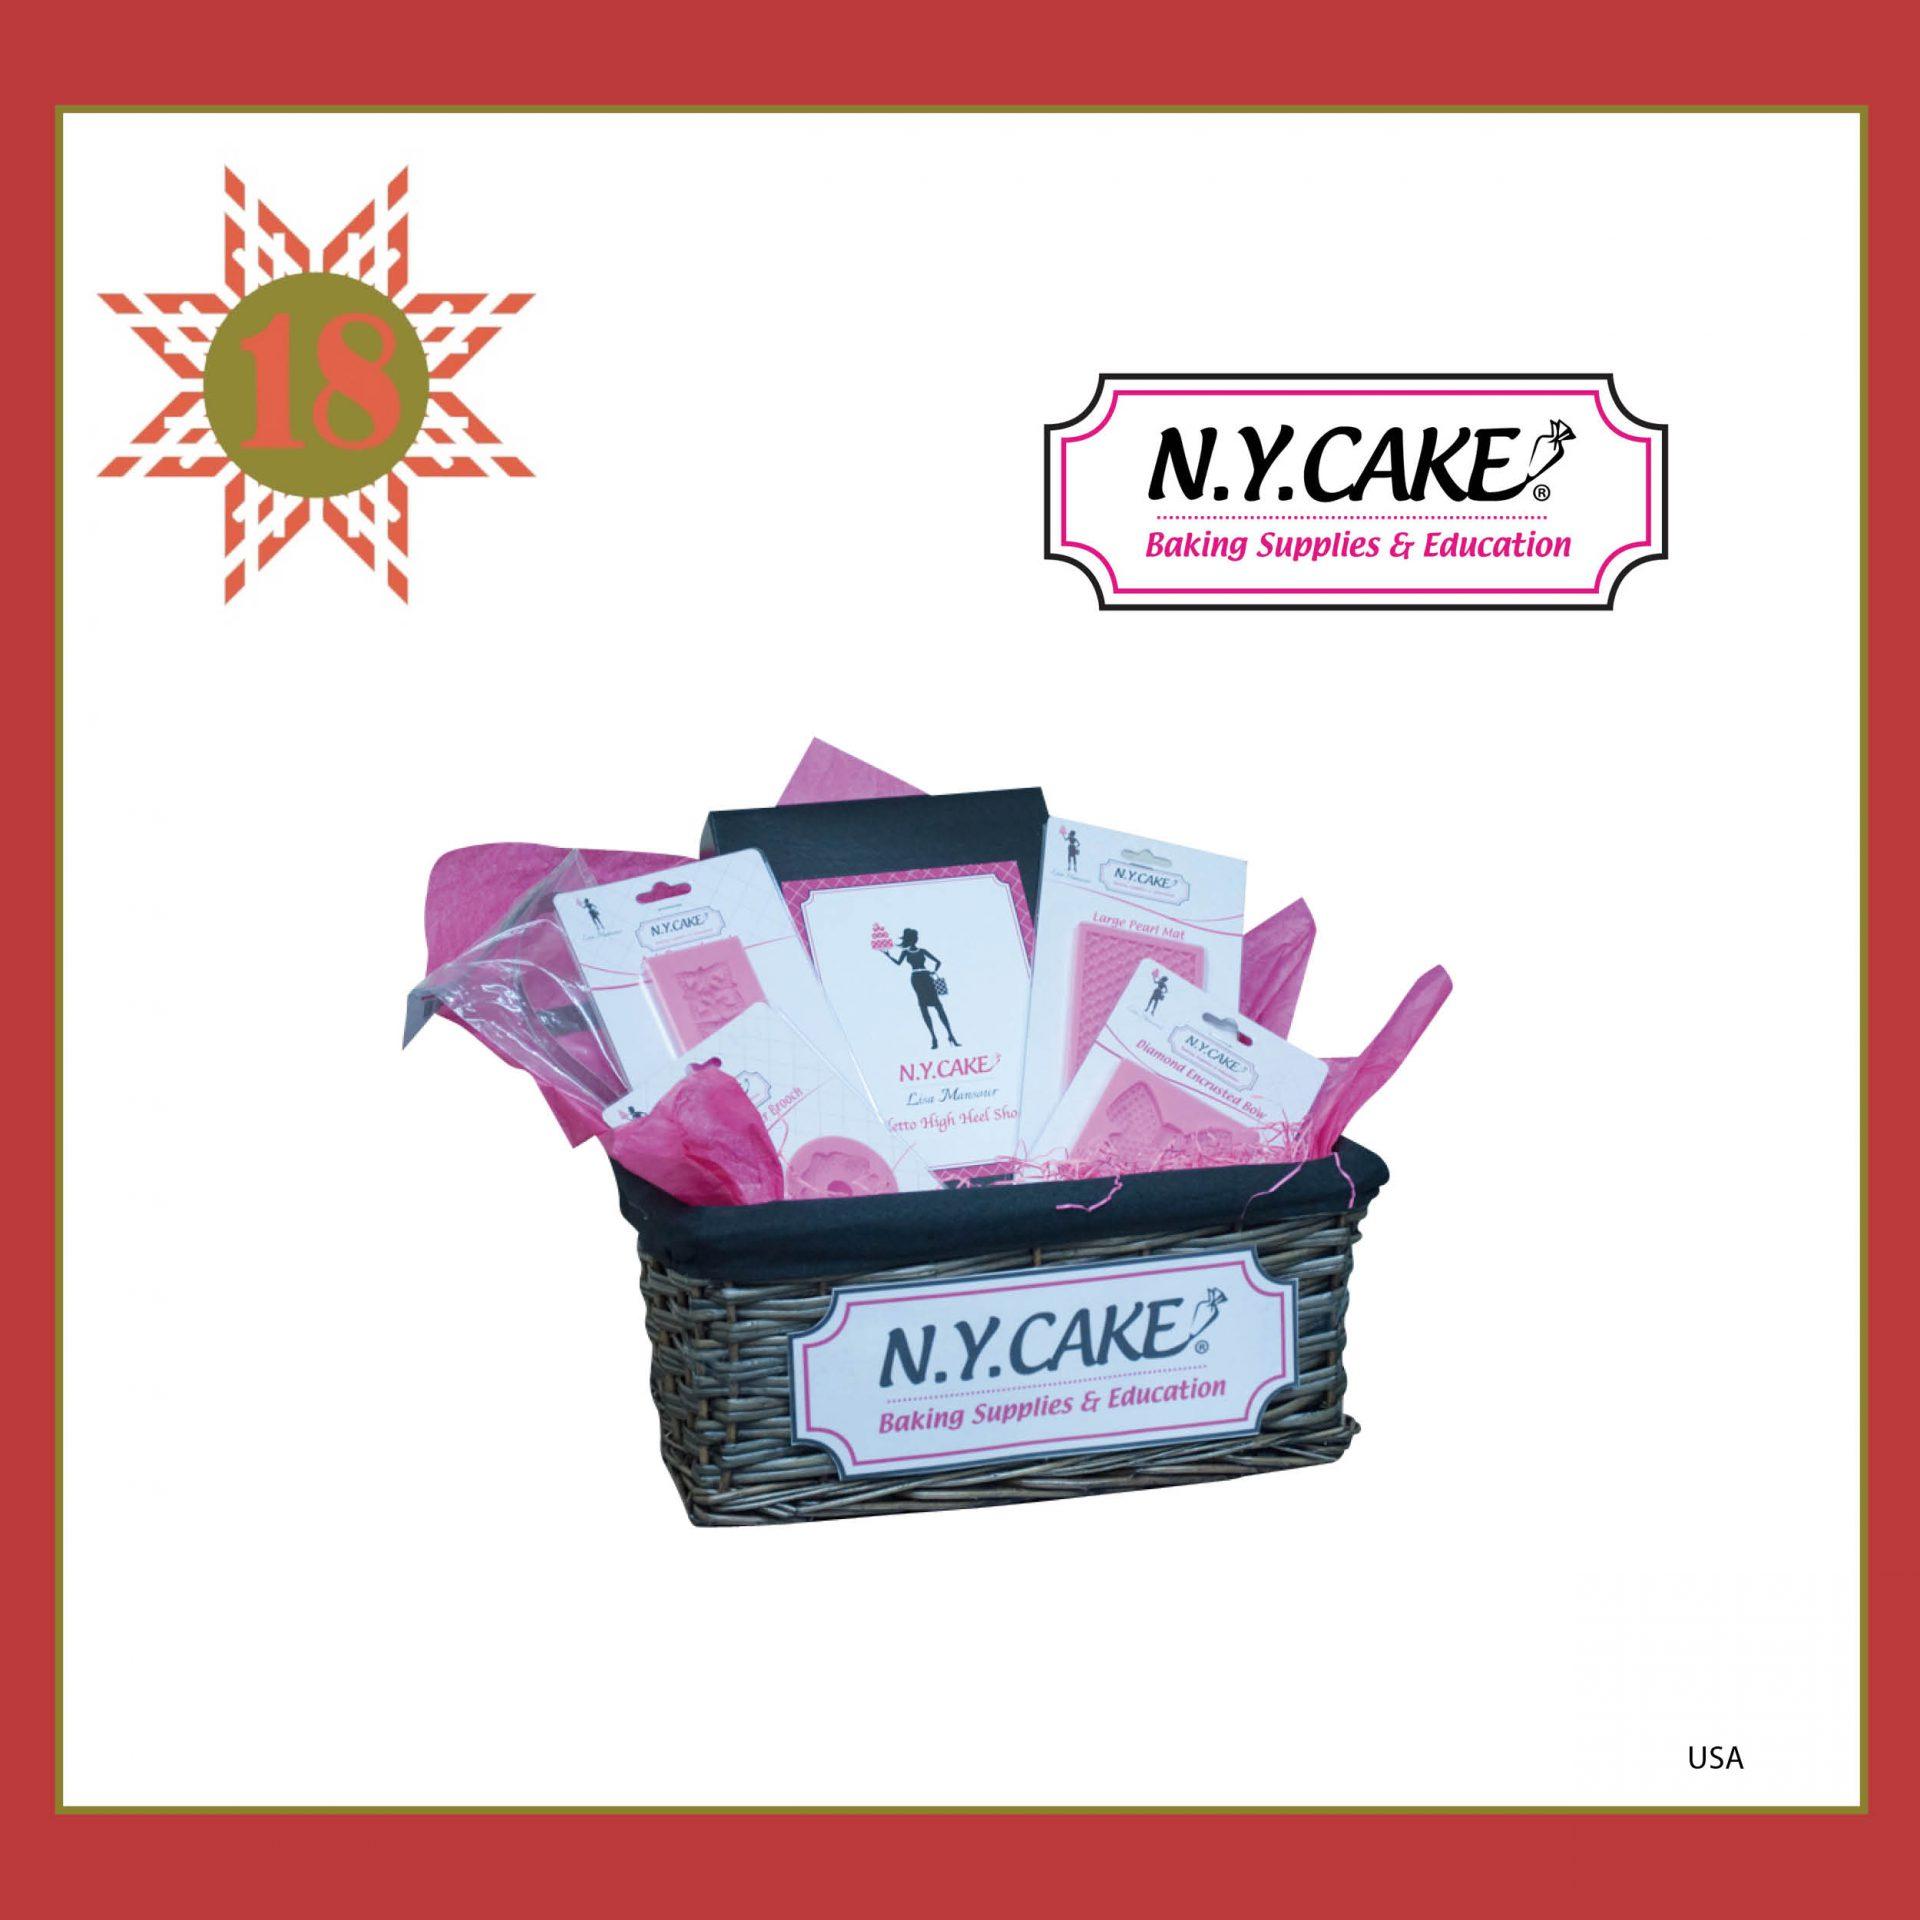 18th-december-ny-cake